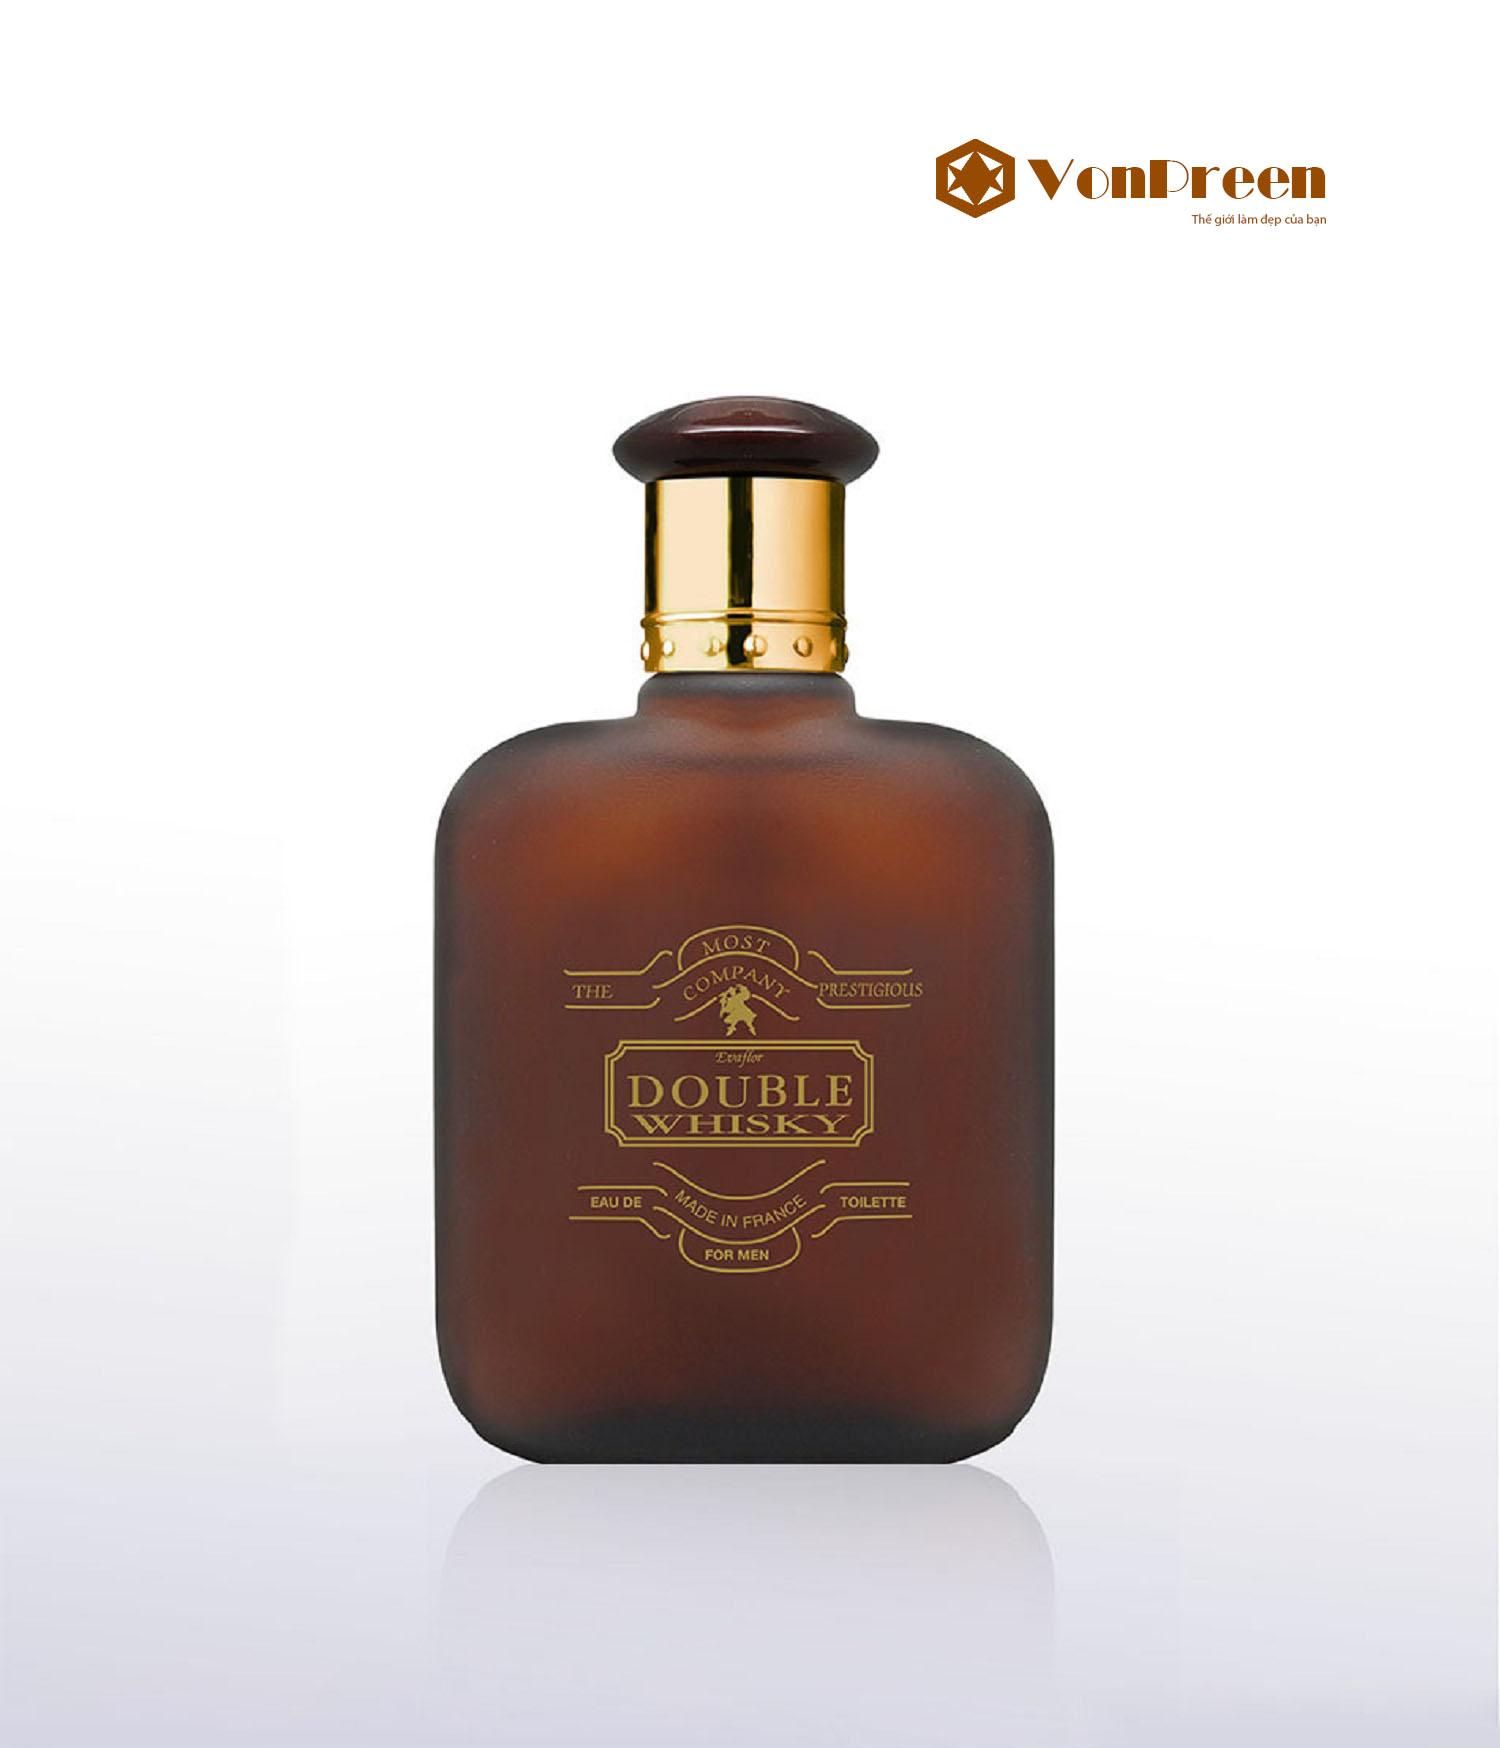 Nước Hoa Double Whisky 50ml, hương thơm gỗ hoa cỏ xạ hương, Nam tính, độc đáo, sang trọng